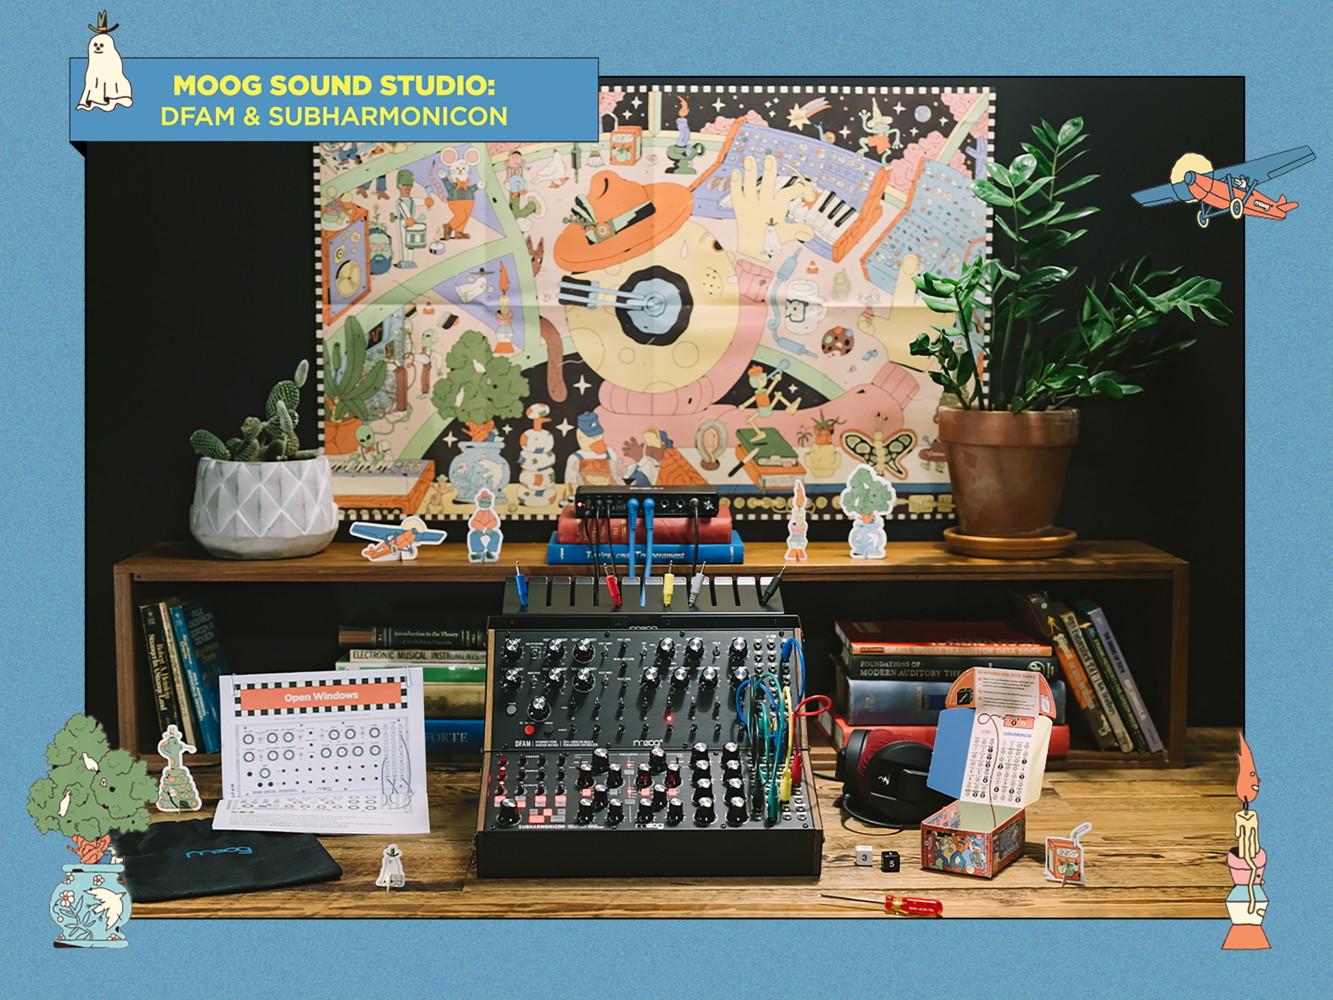 Moog Sound Studio Subharmonicon DFAM